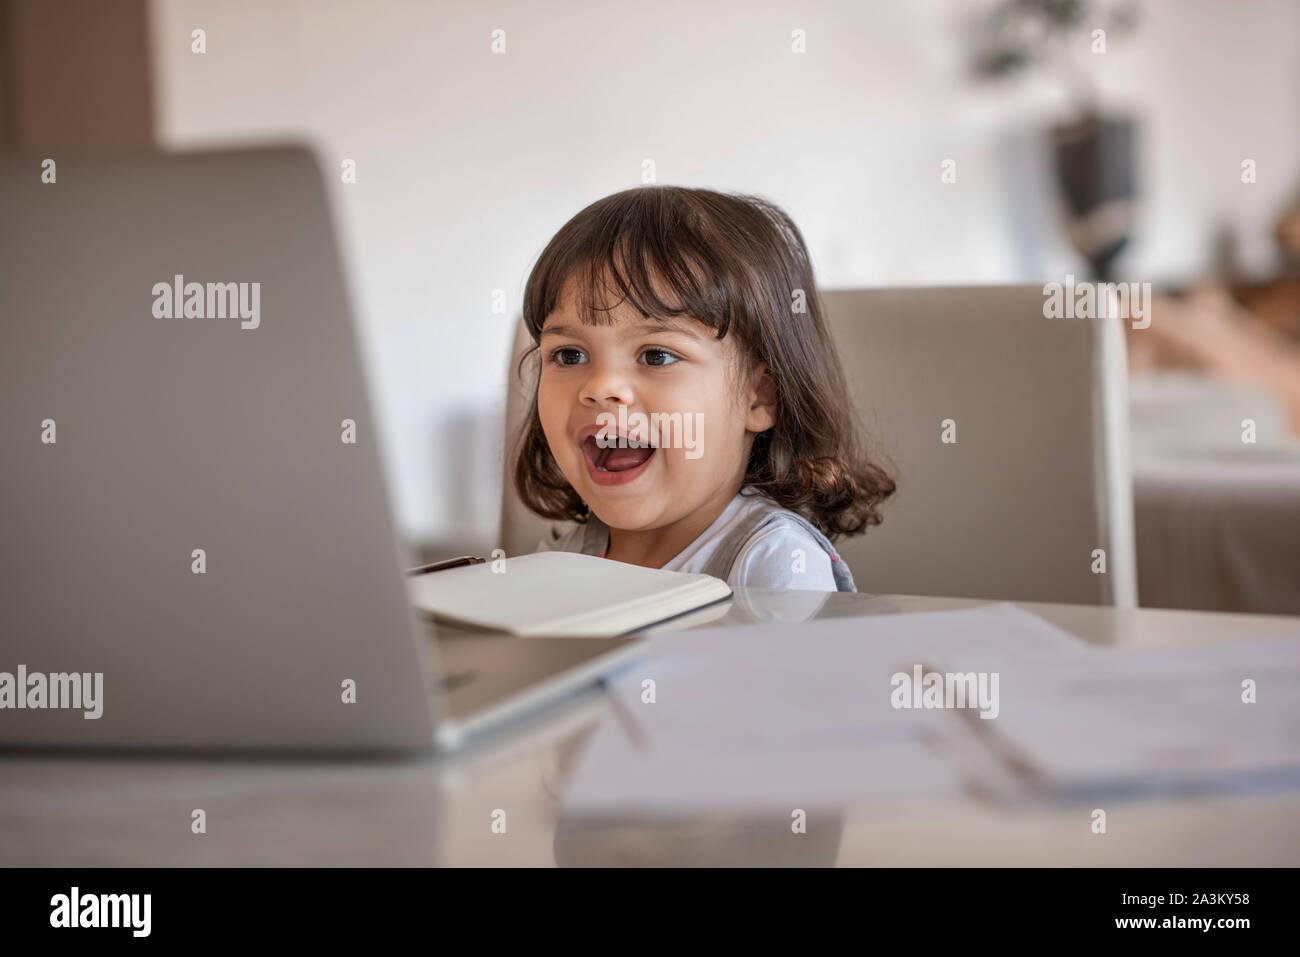 Riendo niña viendo algo sobre su madre laptop Foto de stock